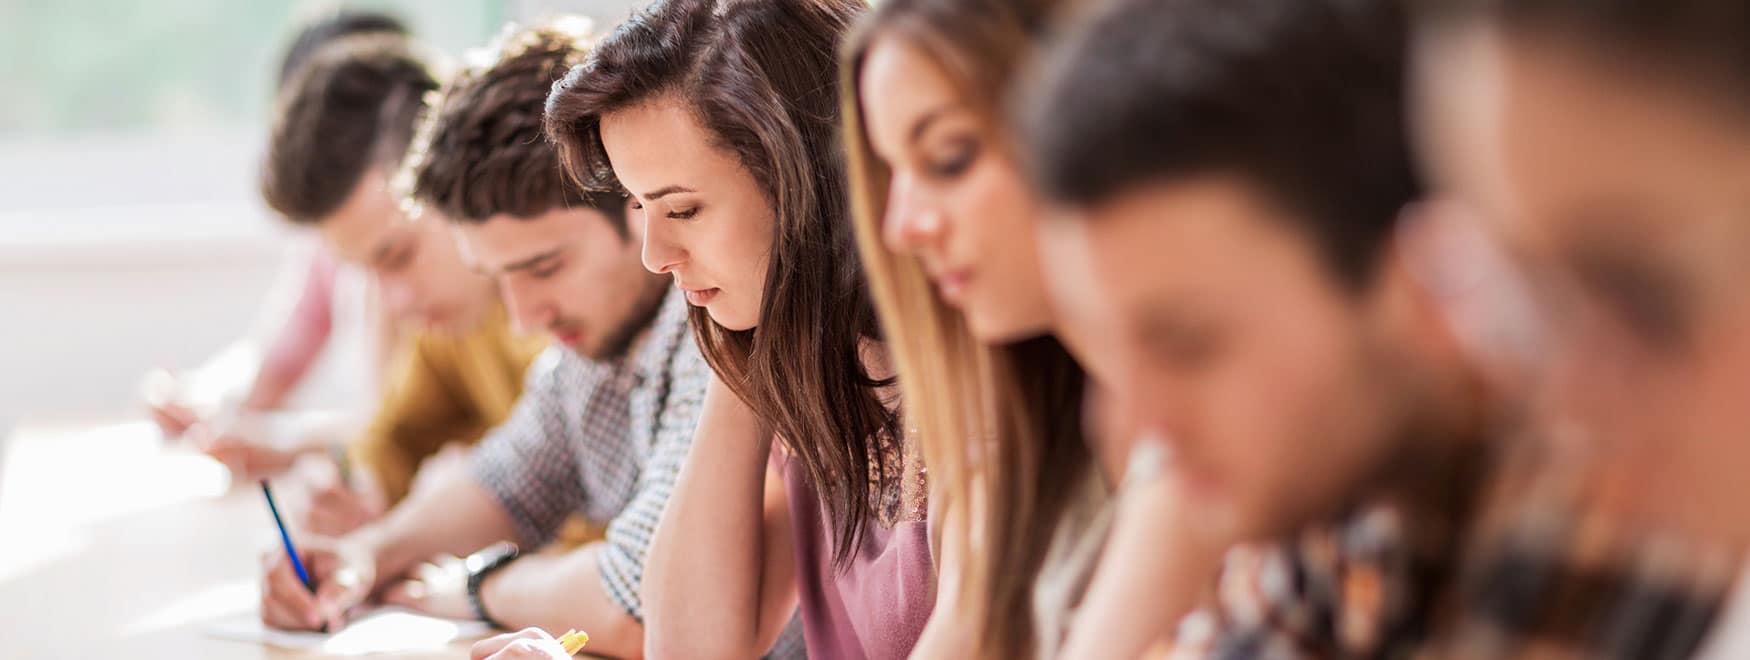 Cours de Préparation à l'Examen DELF, DALF: B1/B2/C1 à Montpellier